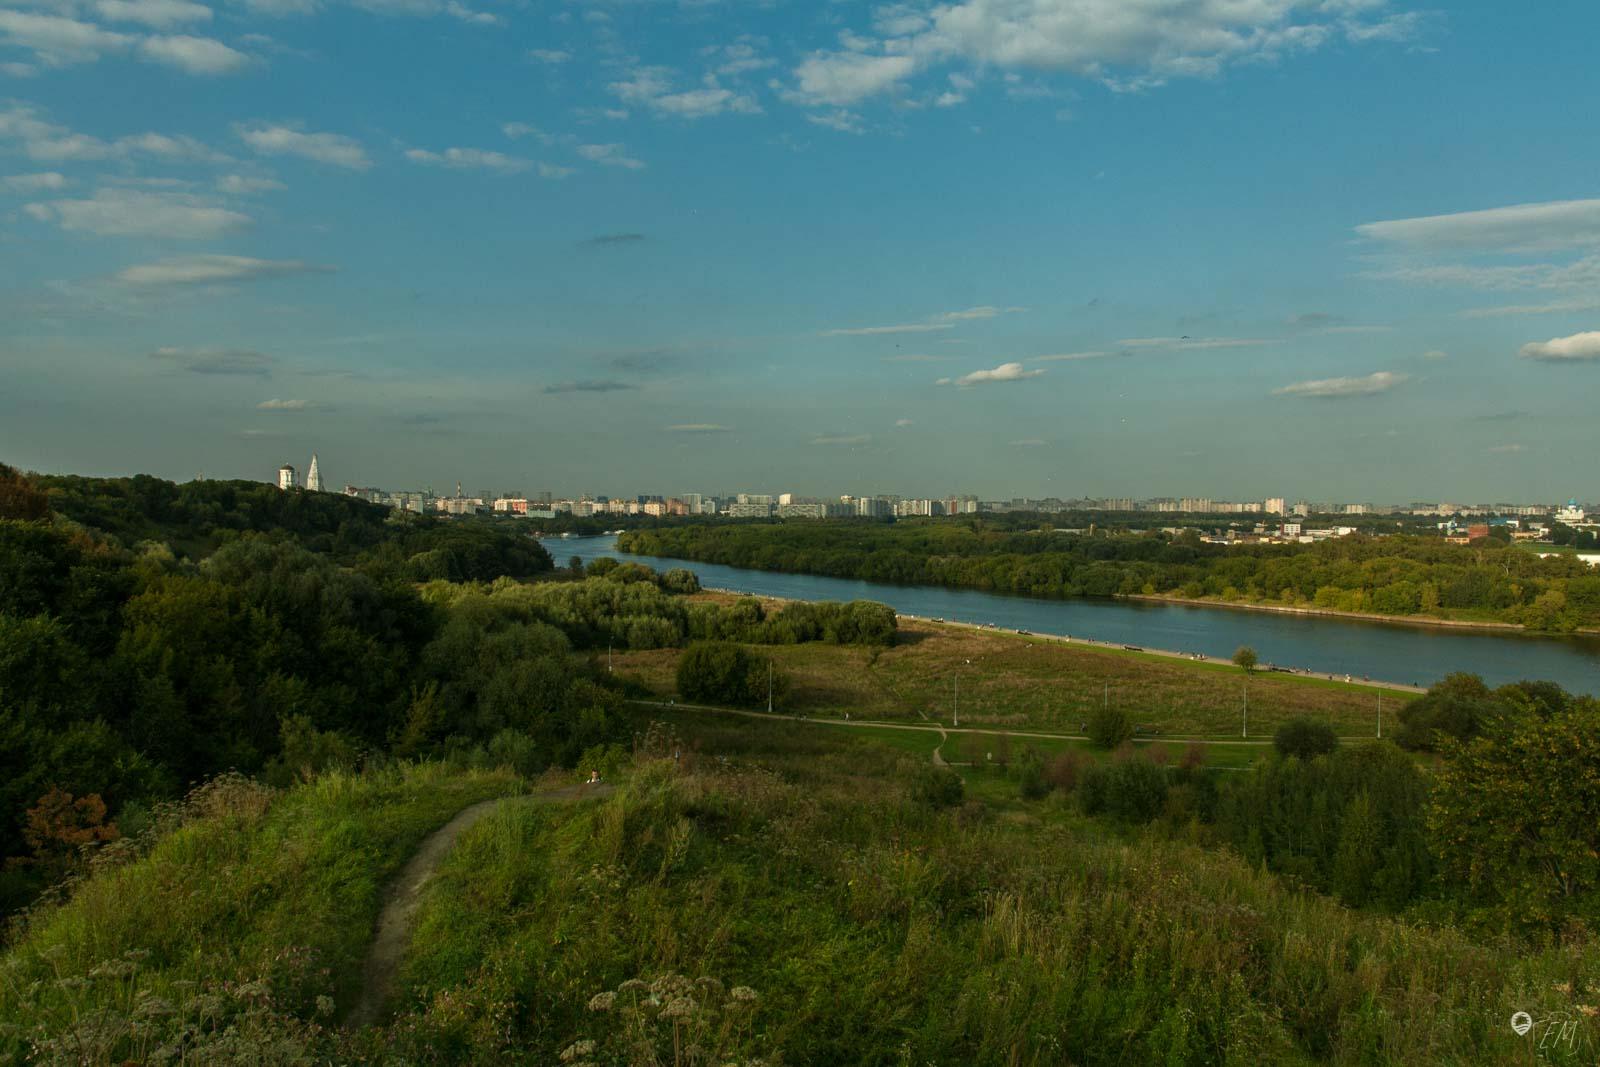 So viel grün mitten in der Stadt - im Kolomenskoje Park kann man die Seele baumeln lassen und dem hektischen Treiben der Stadt entkommen